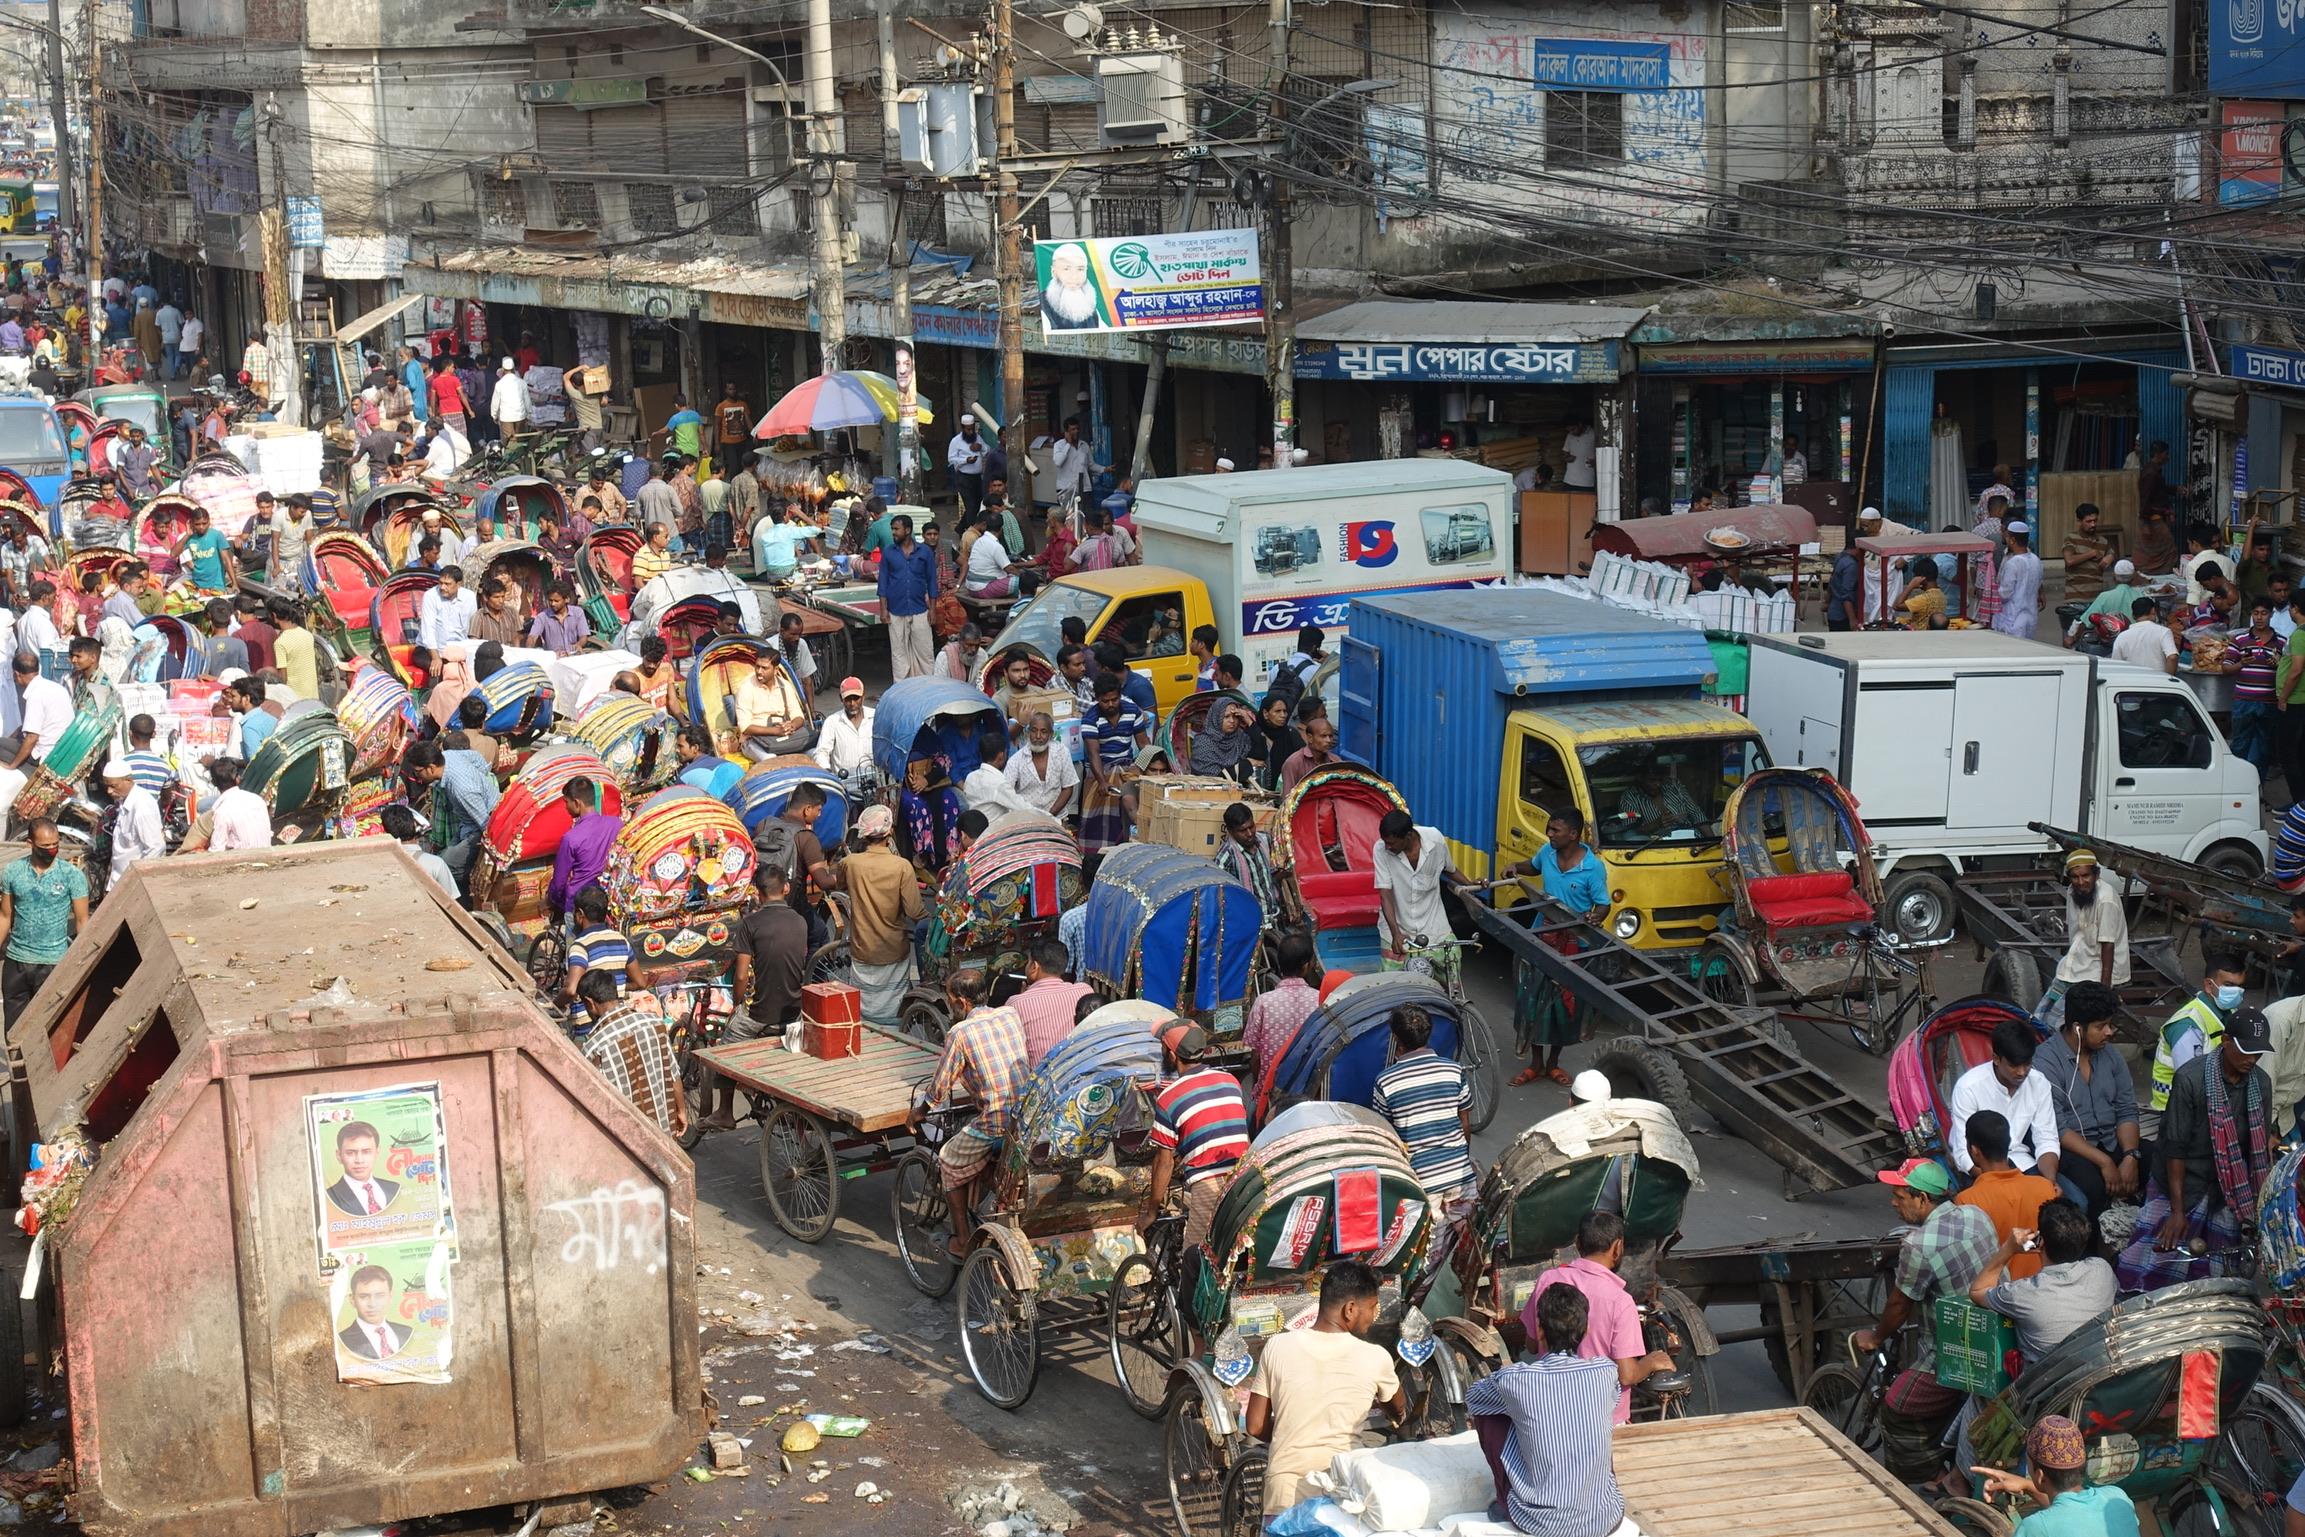 rickshaw traffic jam